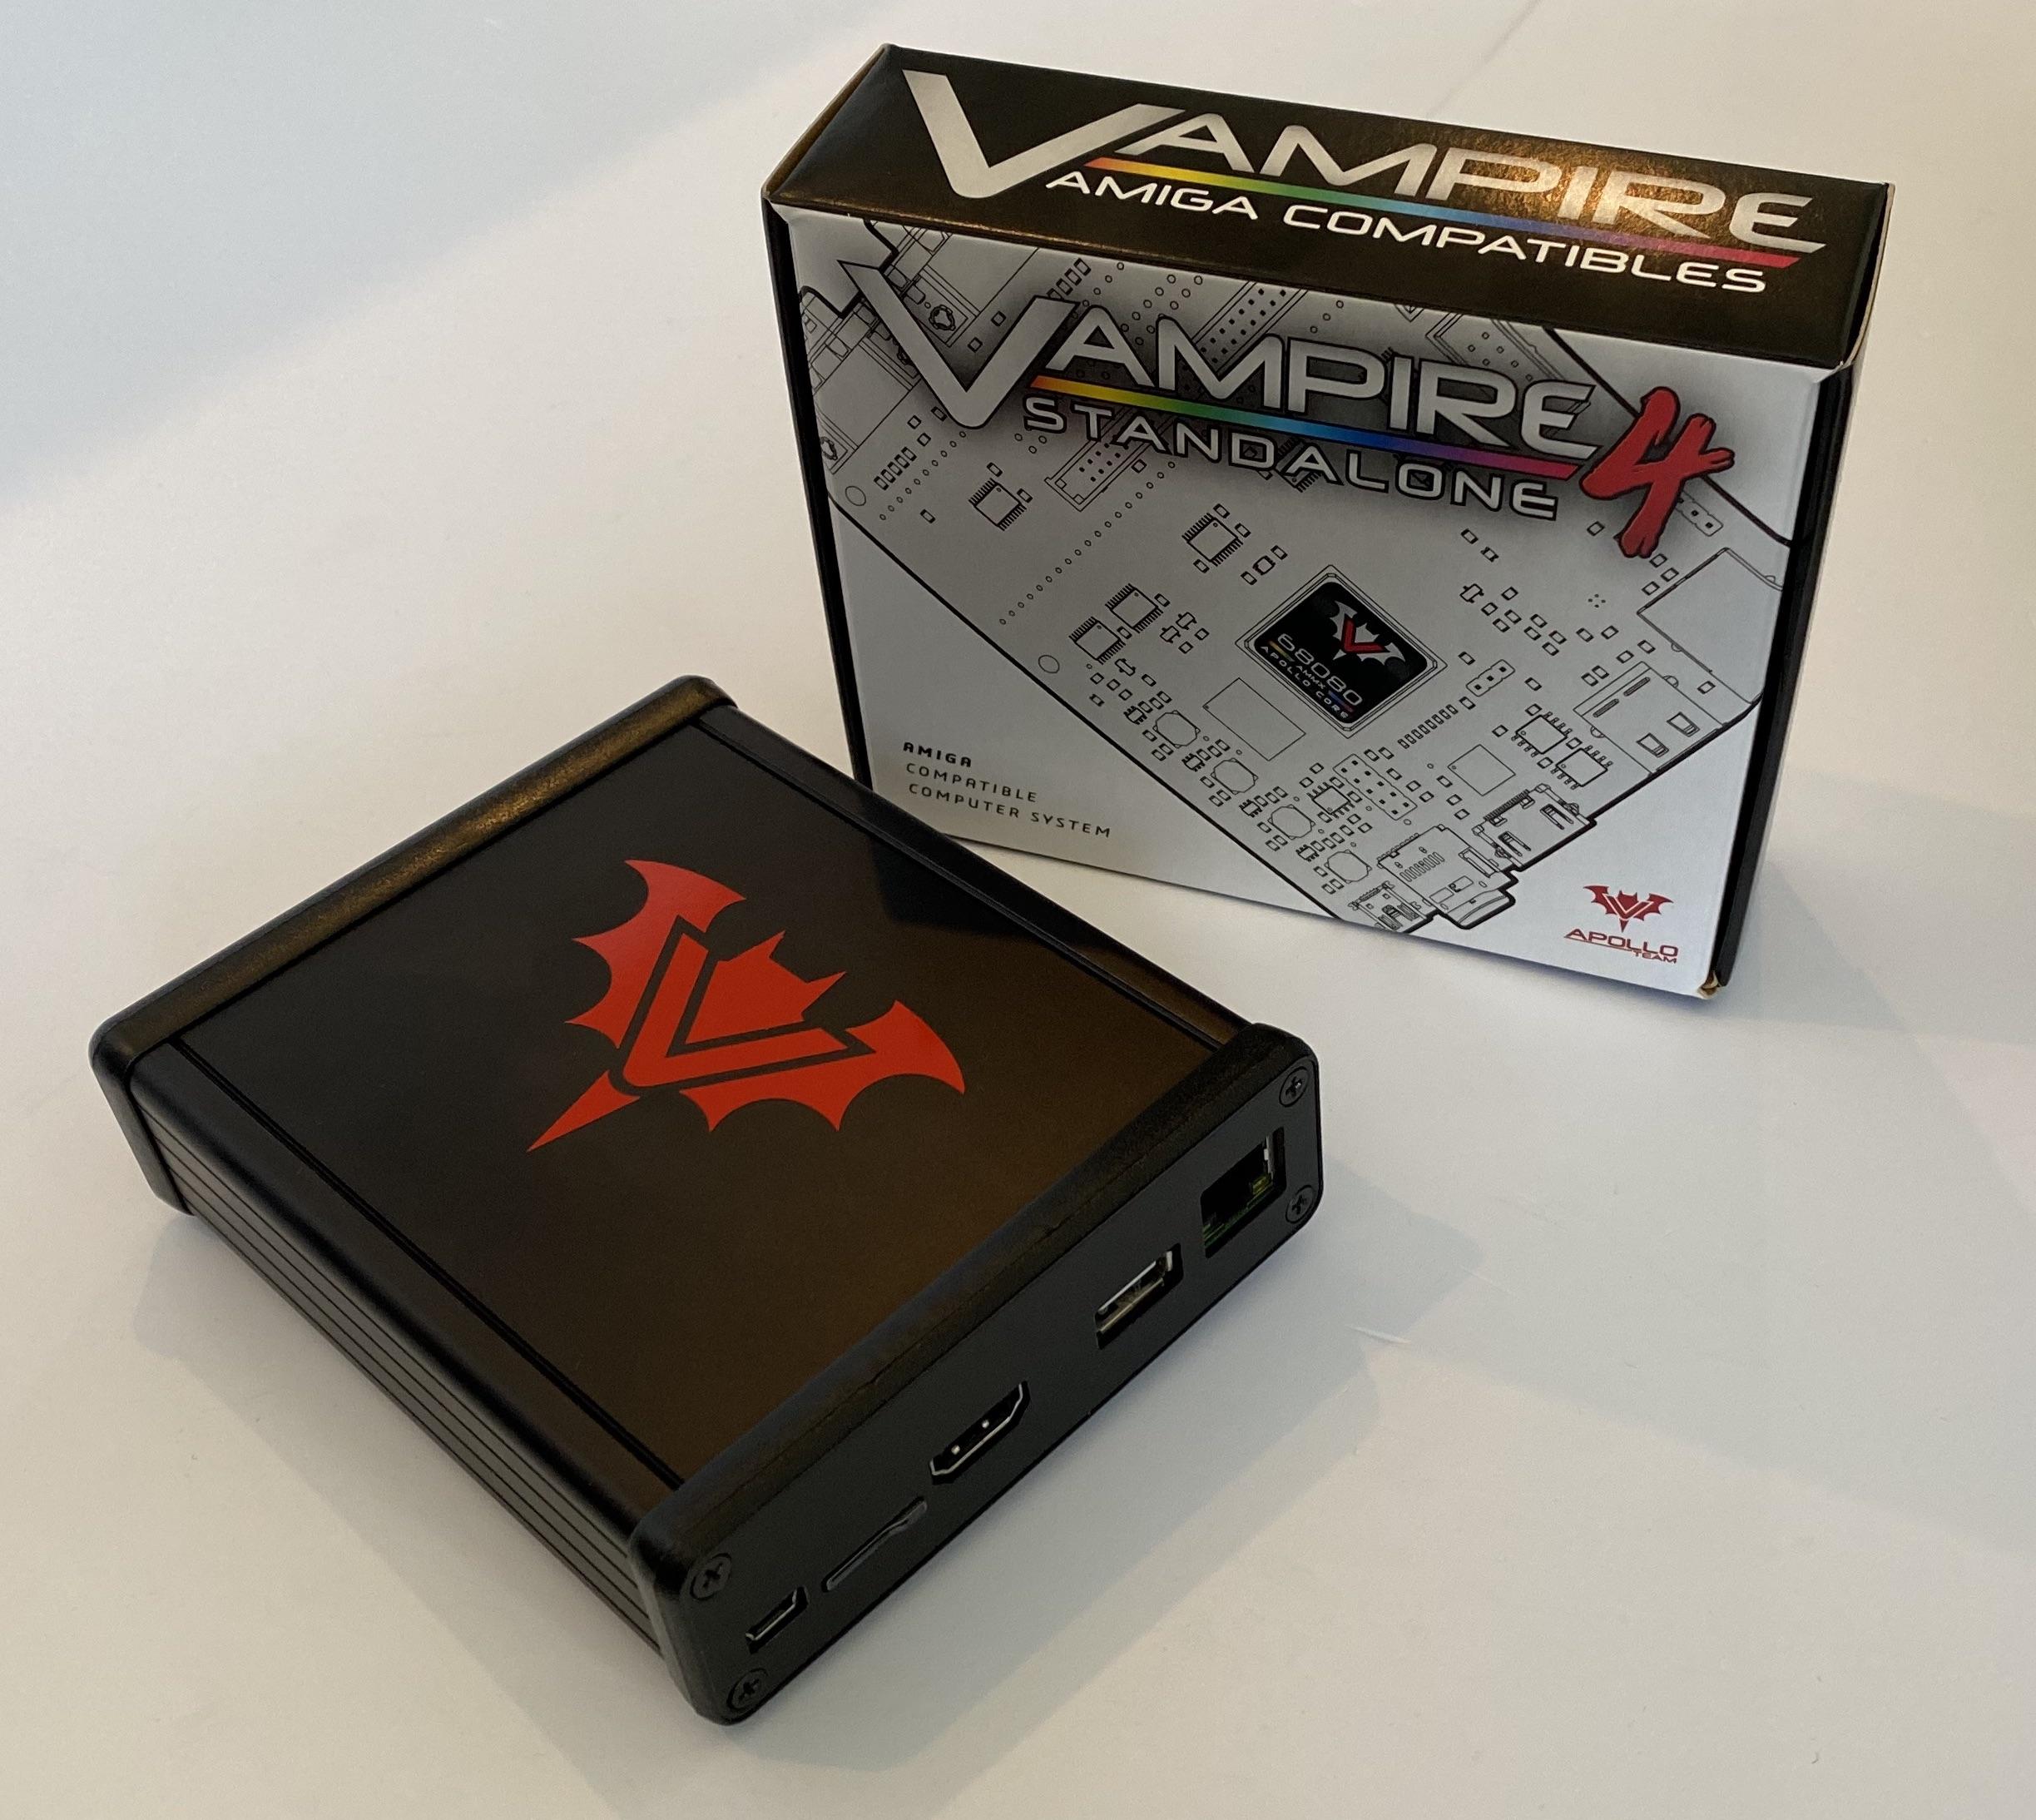 Vampire_V4_Retroport